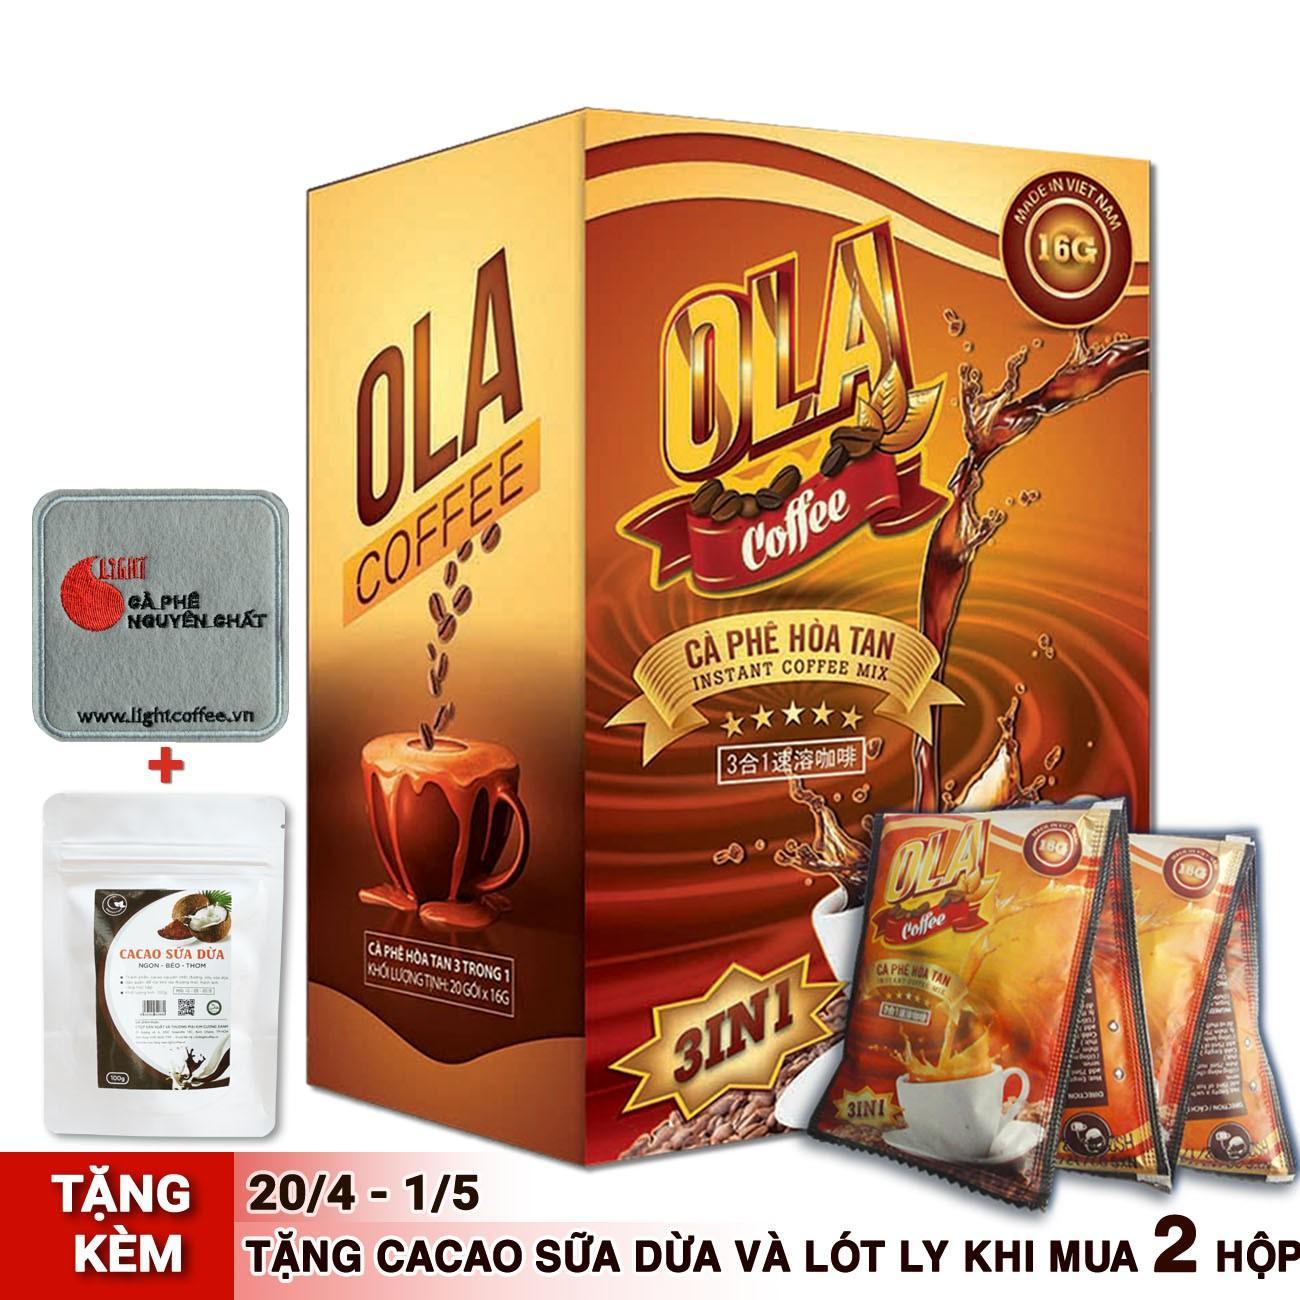 Cà phê sữa hòa tan 3in1 – OLA Coffee – hộp 18 gói (16g/gói)